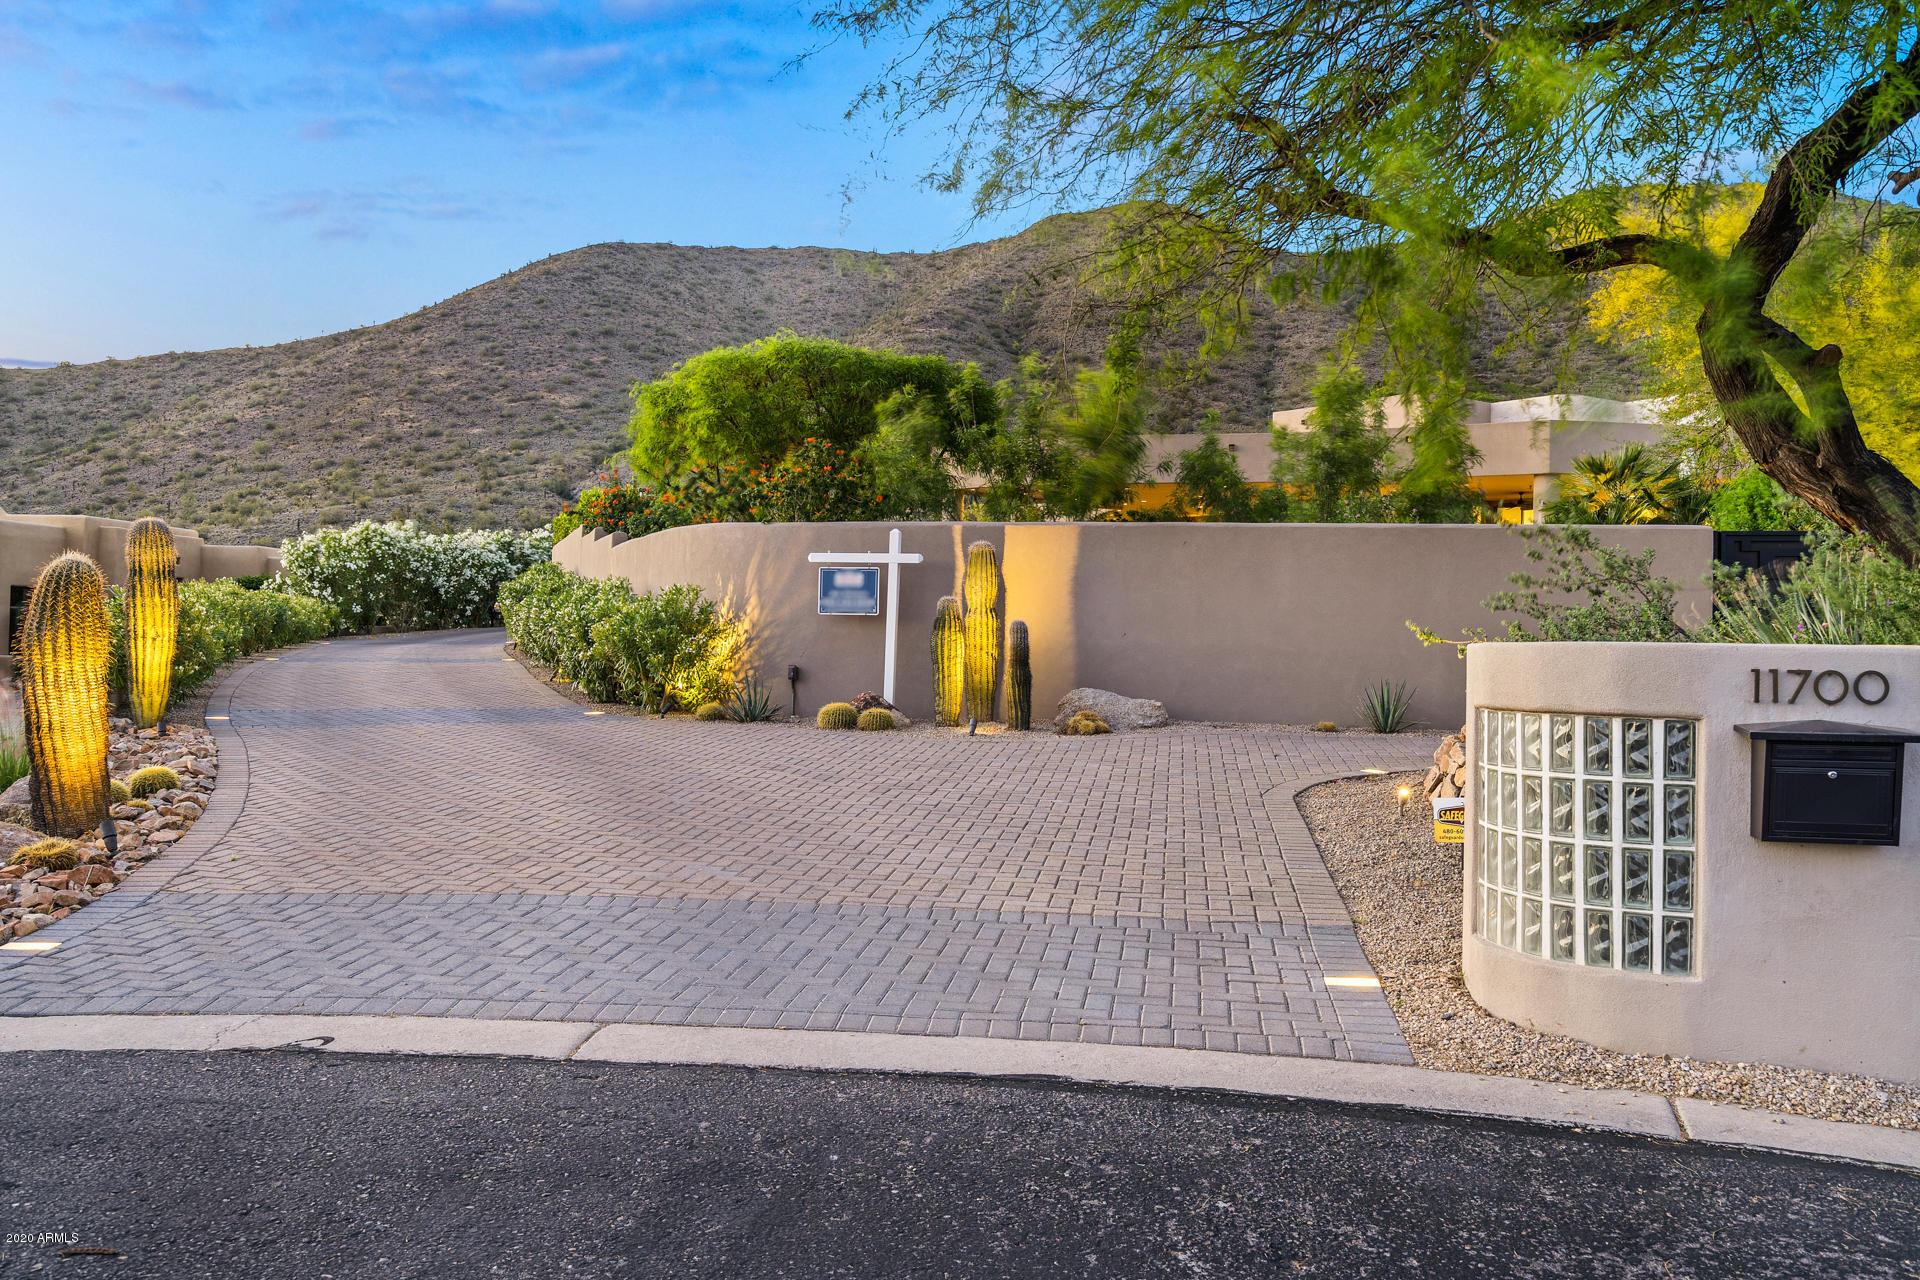 MLS 6070847 11700 E DESERT TRAIL Road, Scottsdale, AZ 85259 Scottsdale AZ Ancala